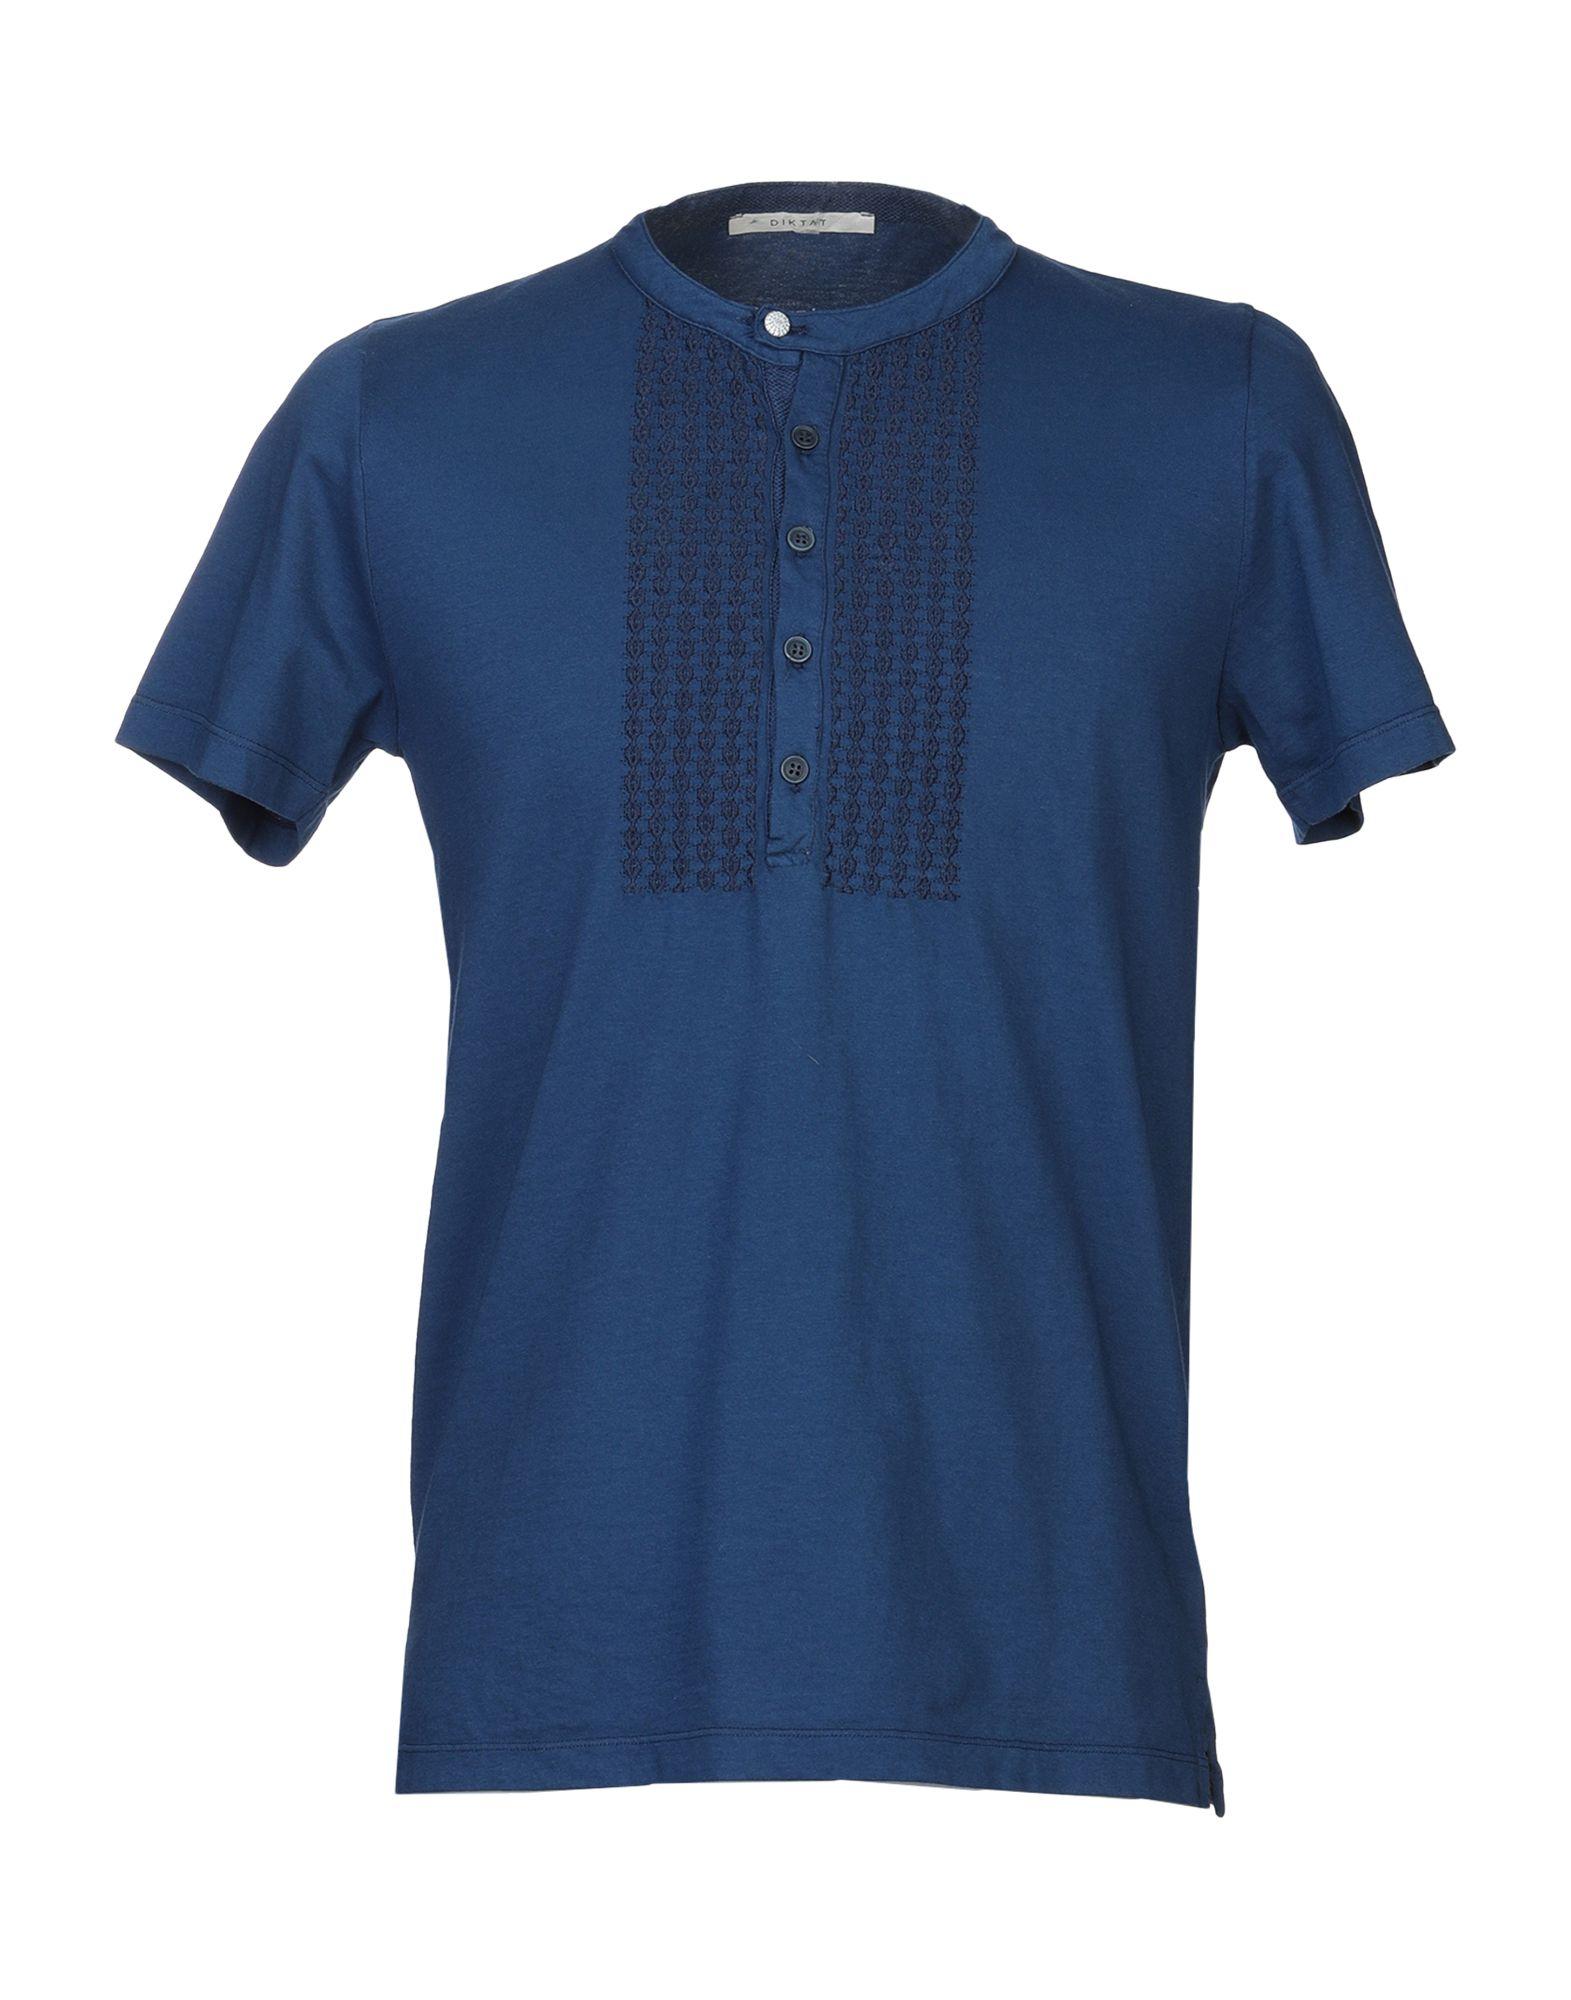 T-Shirt Diktat uomo - - 12254041VH